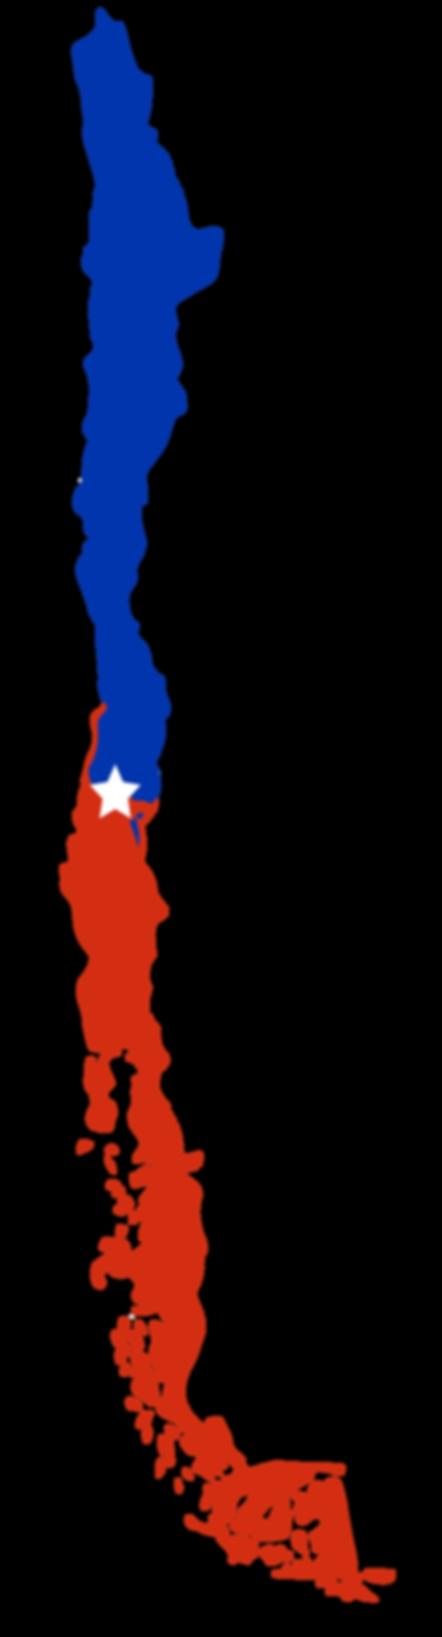 MAPA-DE-CHILE-2-.png